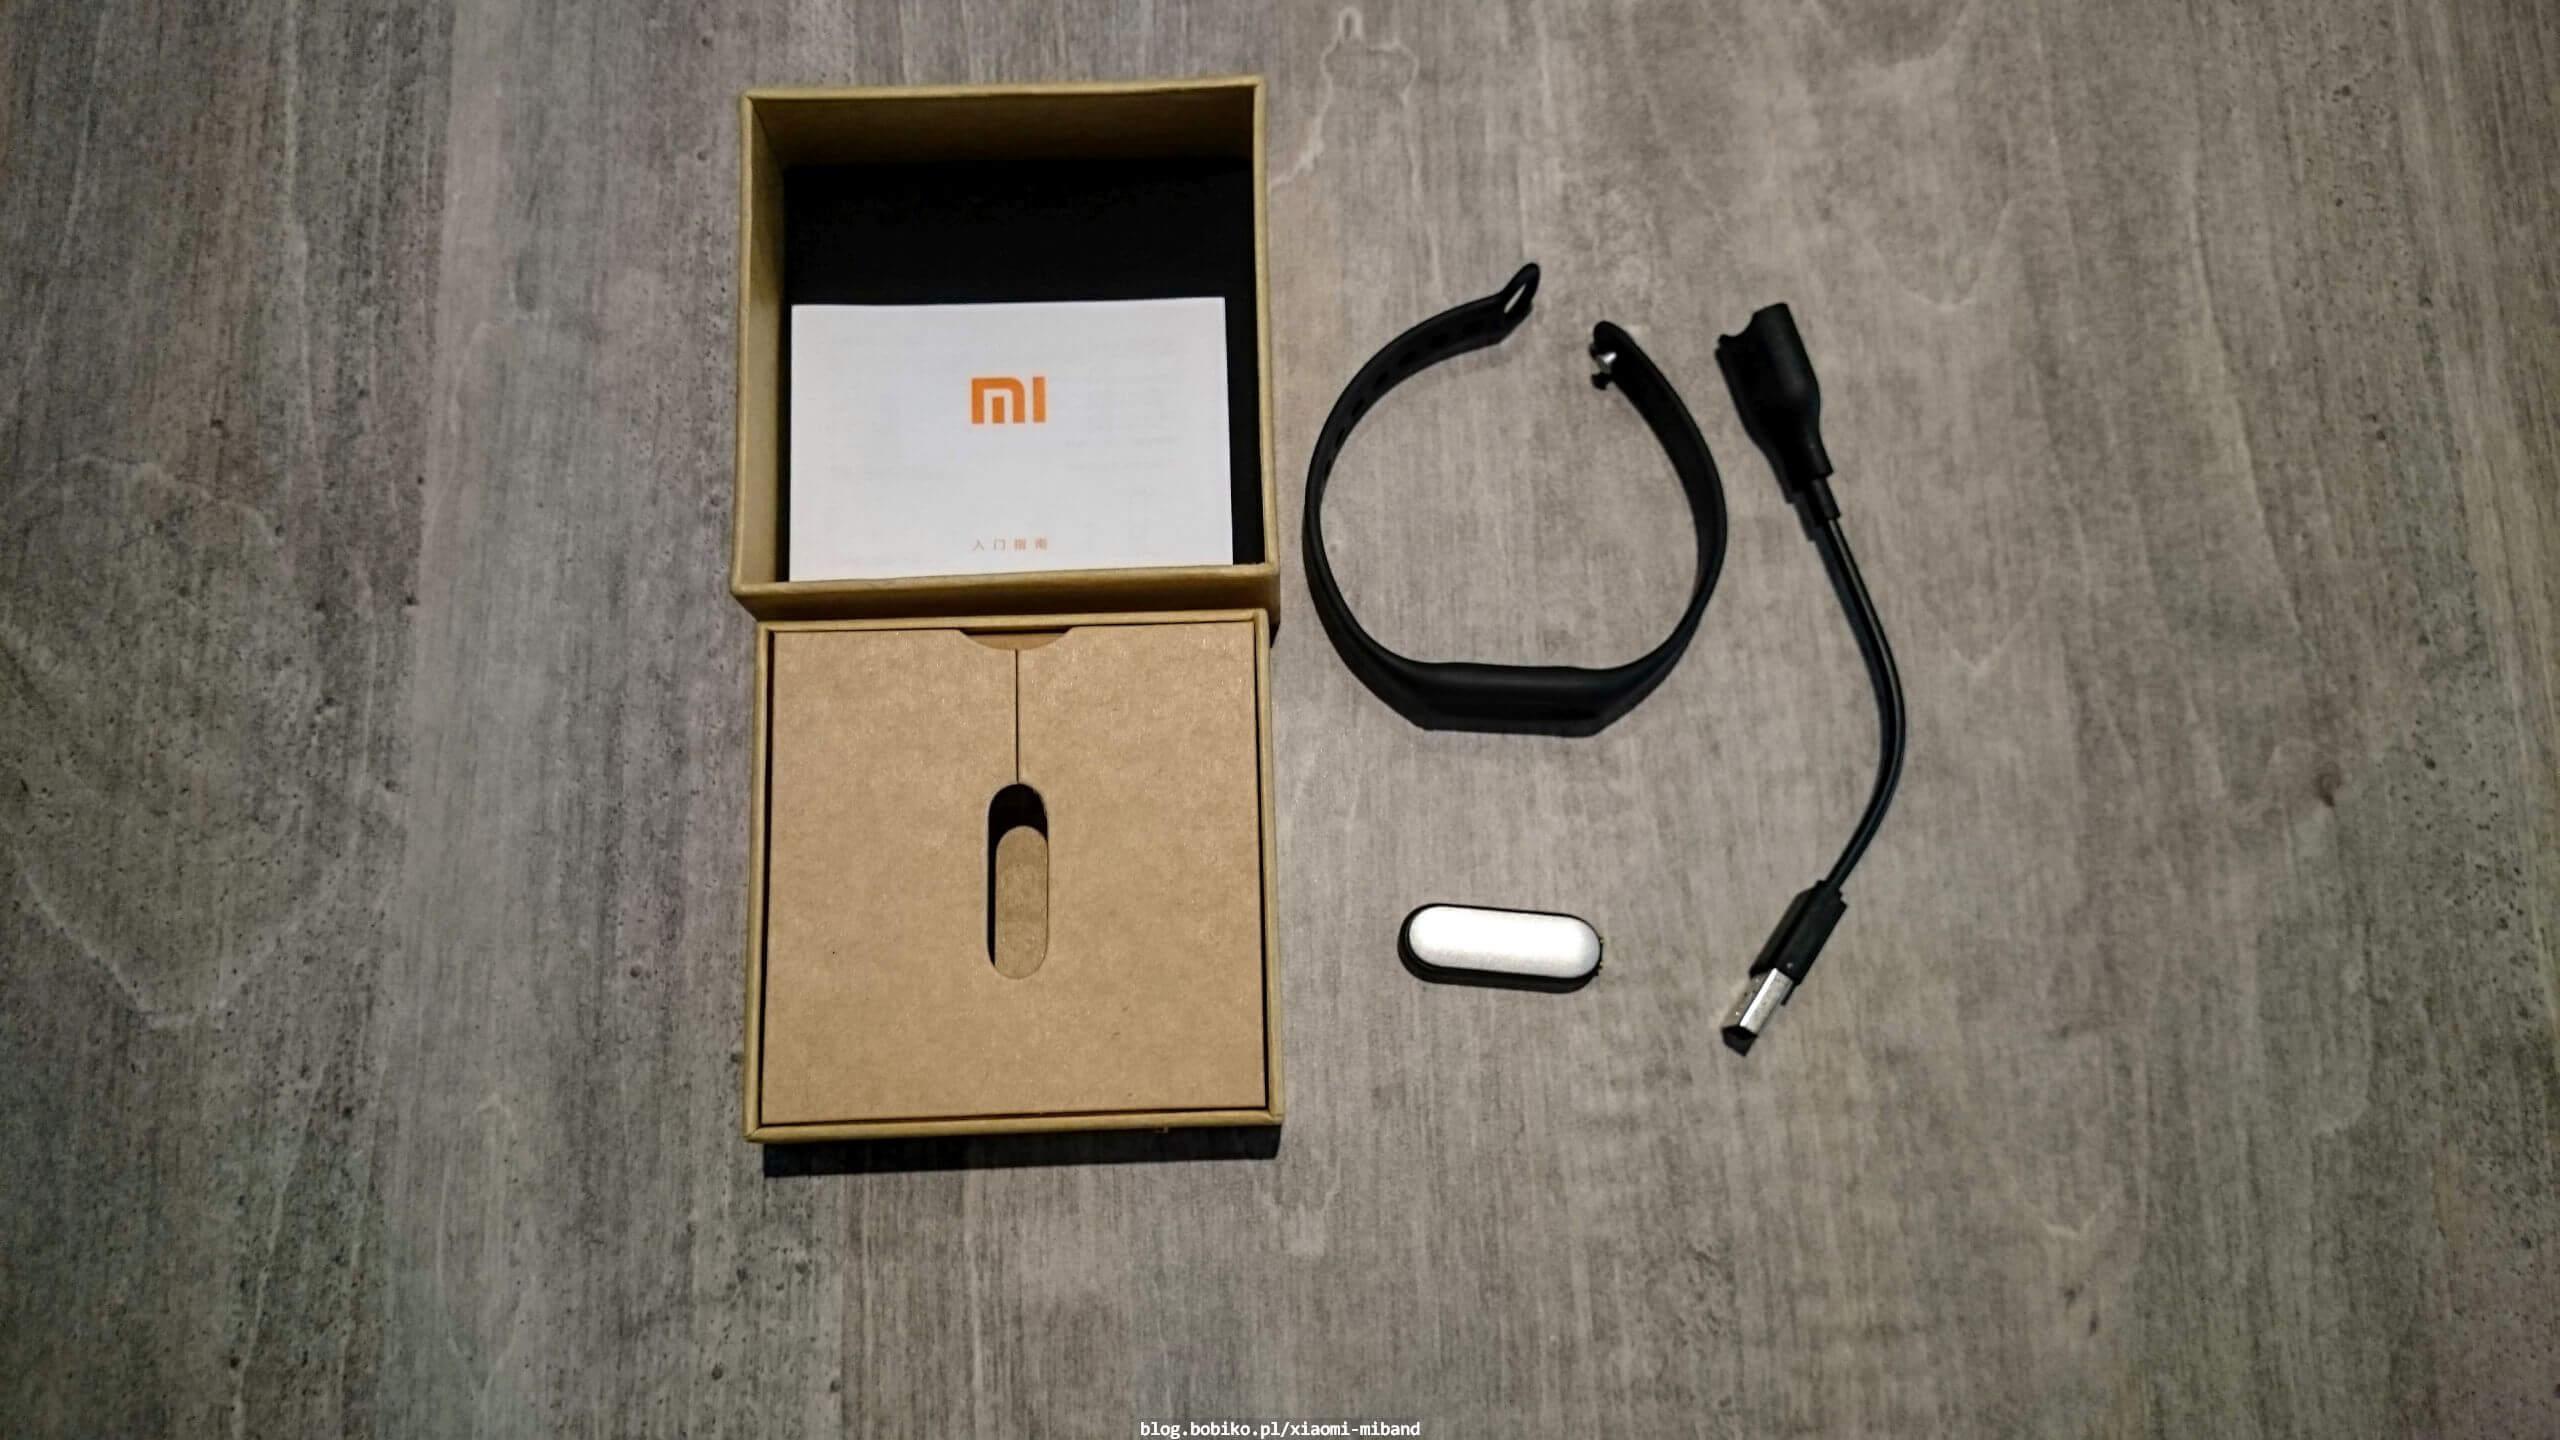 Mały unboxing paczki z Xiaomi Miband